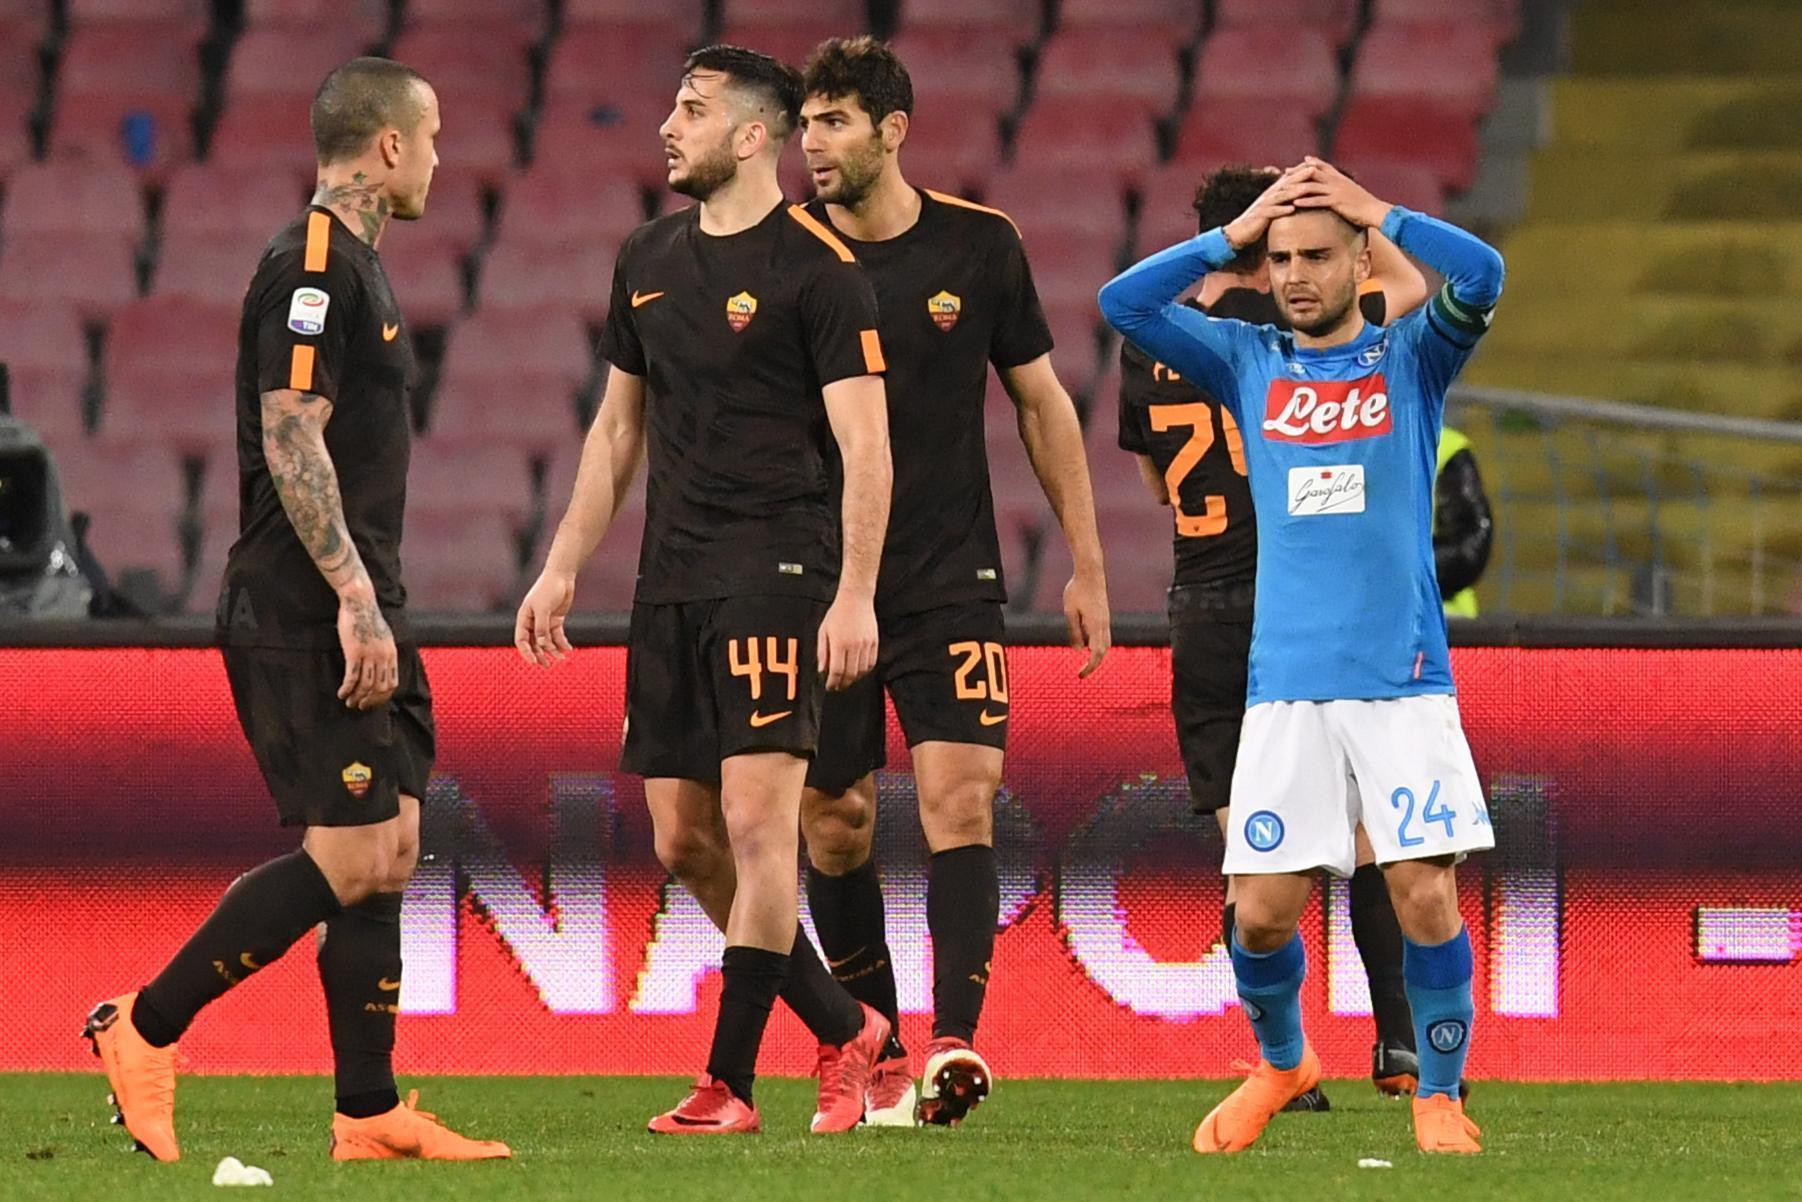 روما يقسو على نابولي ويُشعل الدوري الإيطالي